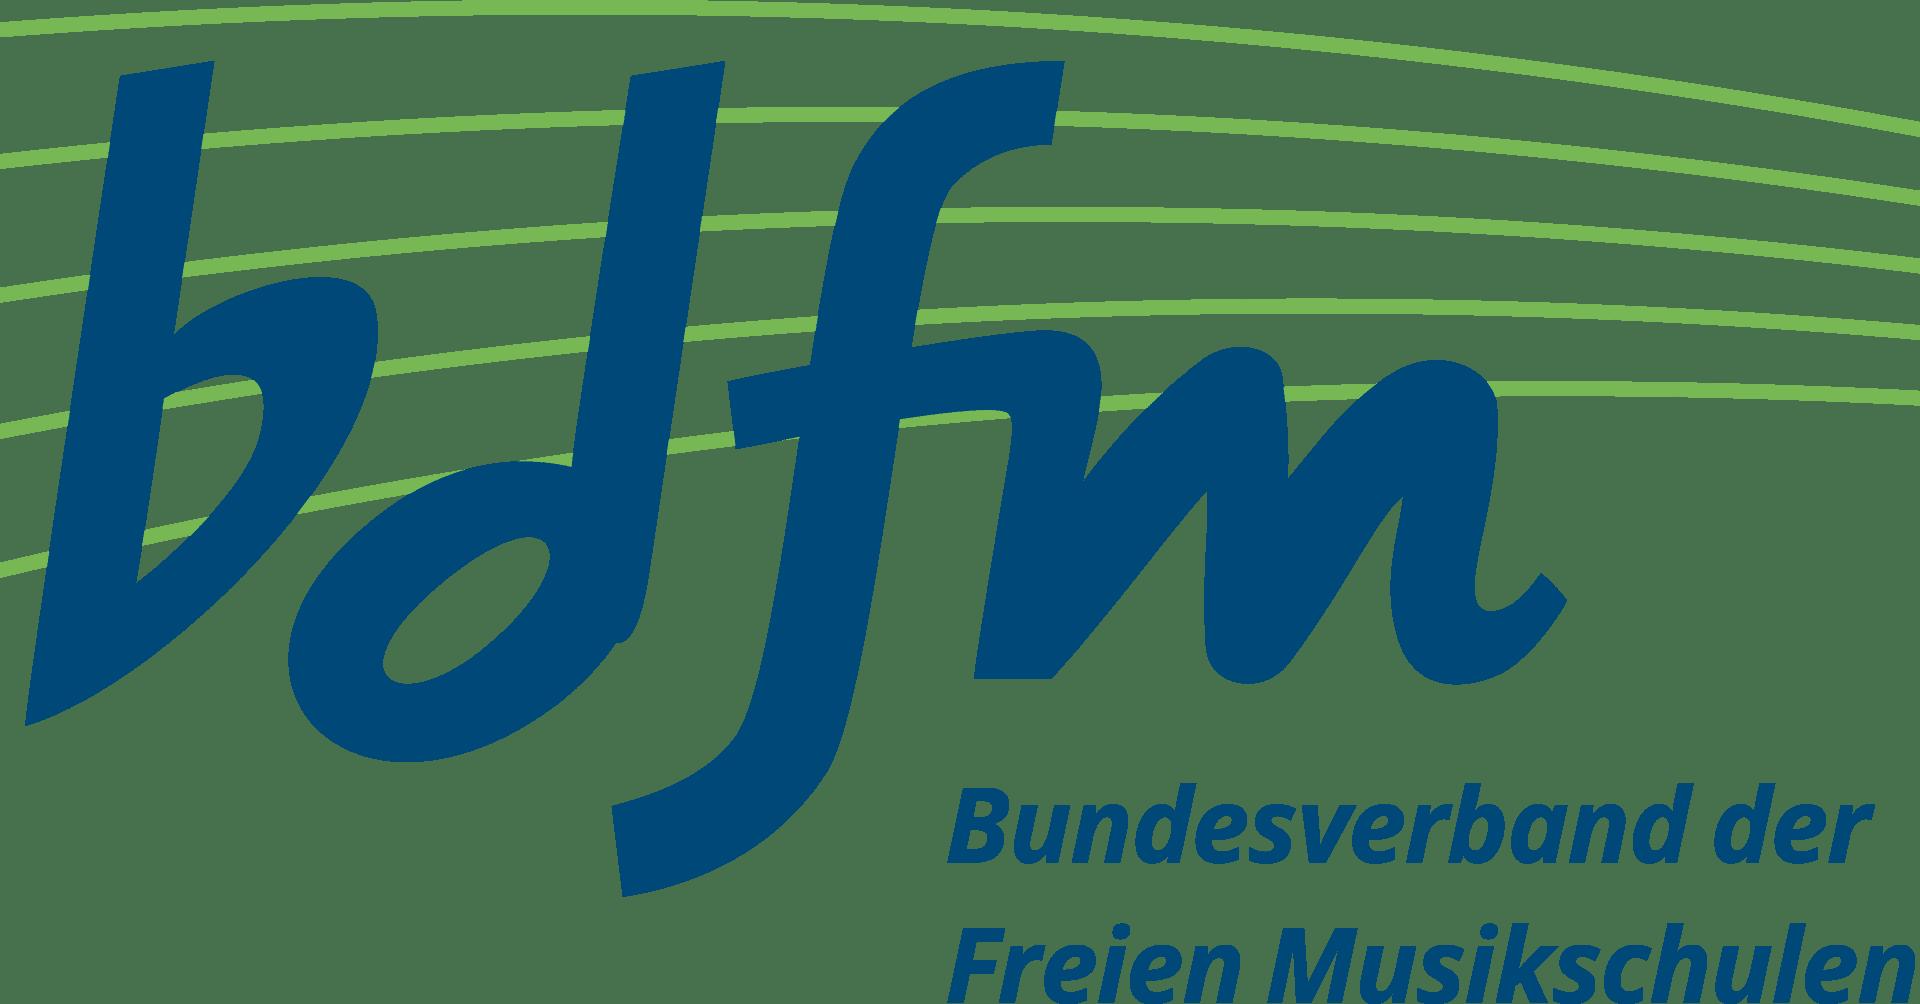 Qualität im Musikunterricht; Musikinstitut MusiCeum ist zertifiziert vom Bundesverband Freier Musikschulen